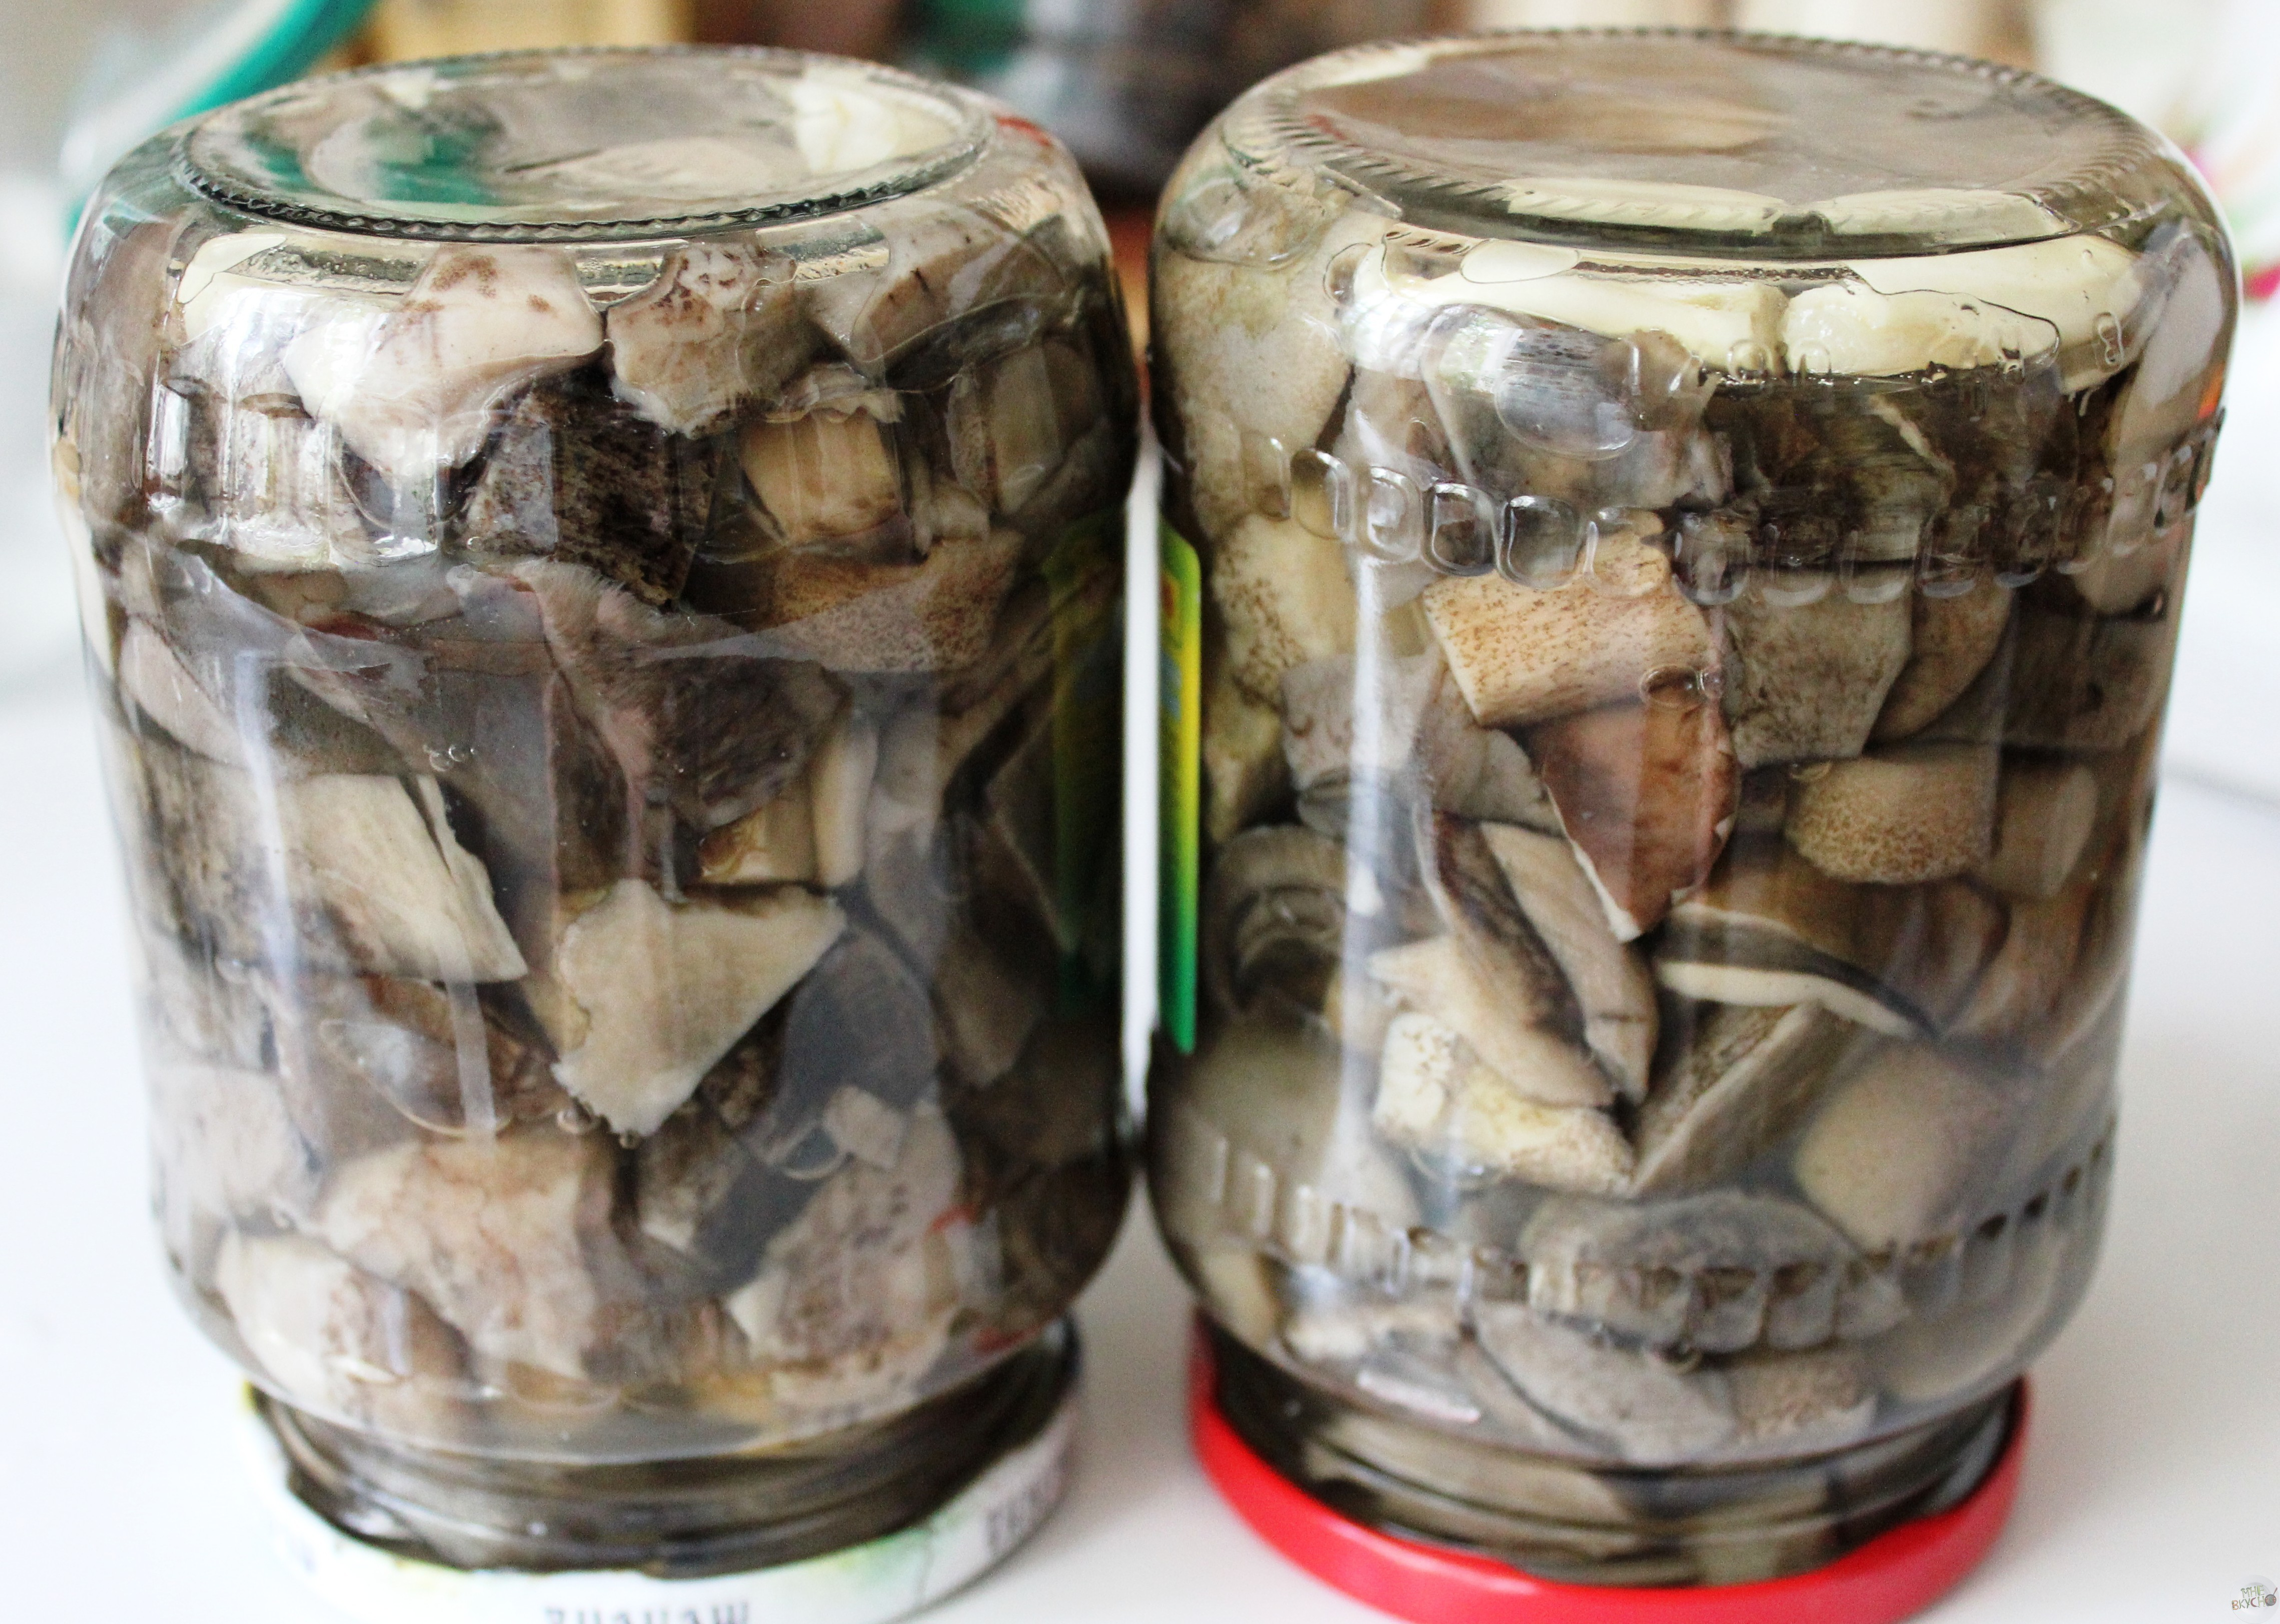 Грибы подосиновики, маринованные на зиму в банках: фото, рецепты приготовления грибных заготовок